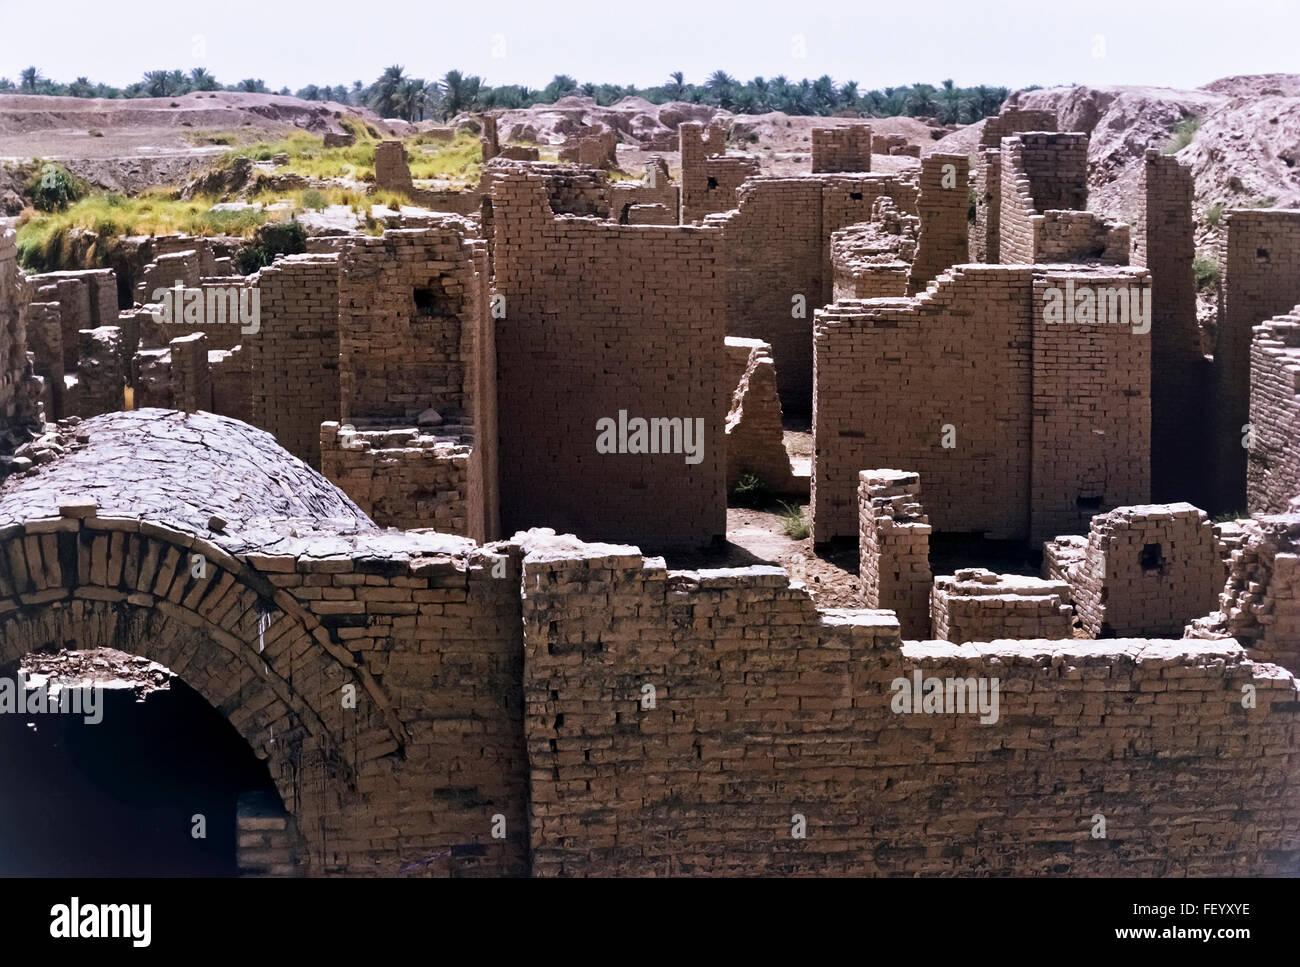 AA 6826. Archivierung der 1960er Jahre Babylon Ruinen, Irak Stockbild